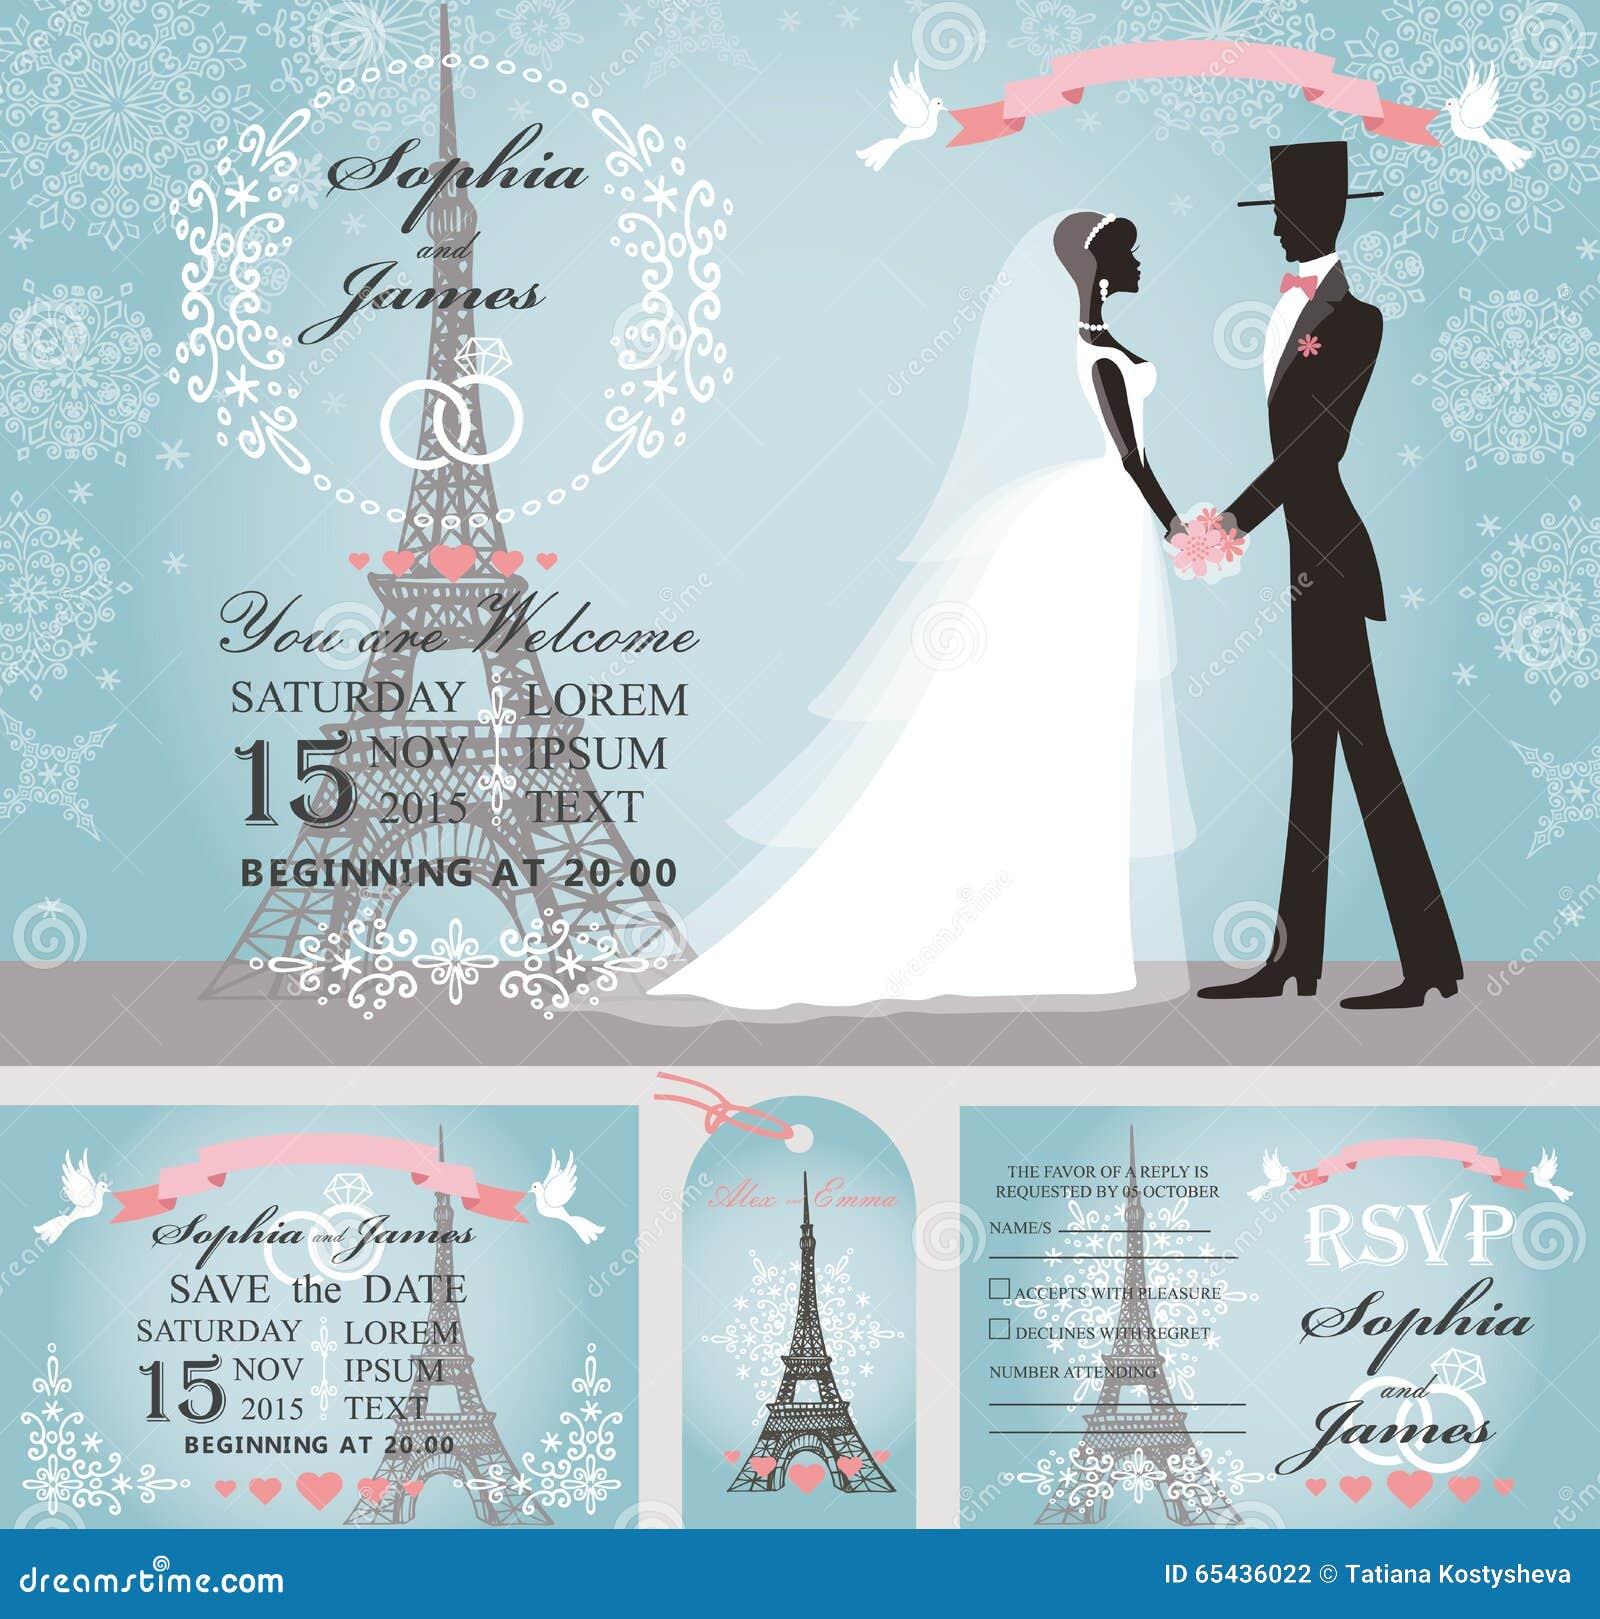 Wedding Invitations Bride Groom Snow Paris Winter Stock Vector